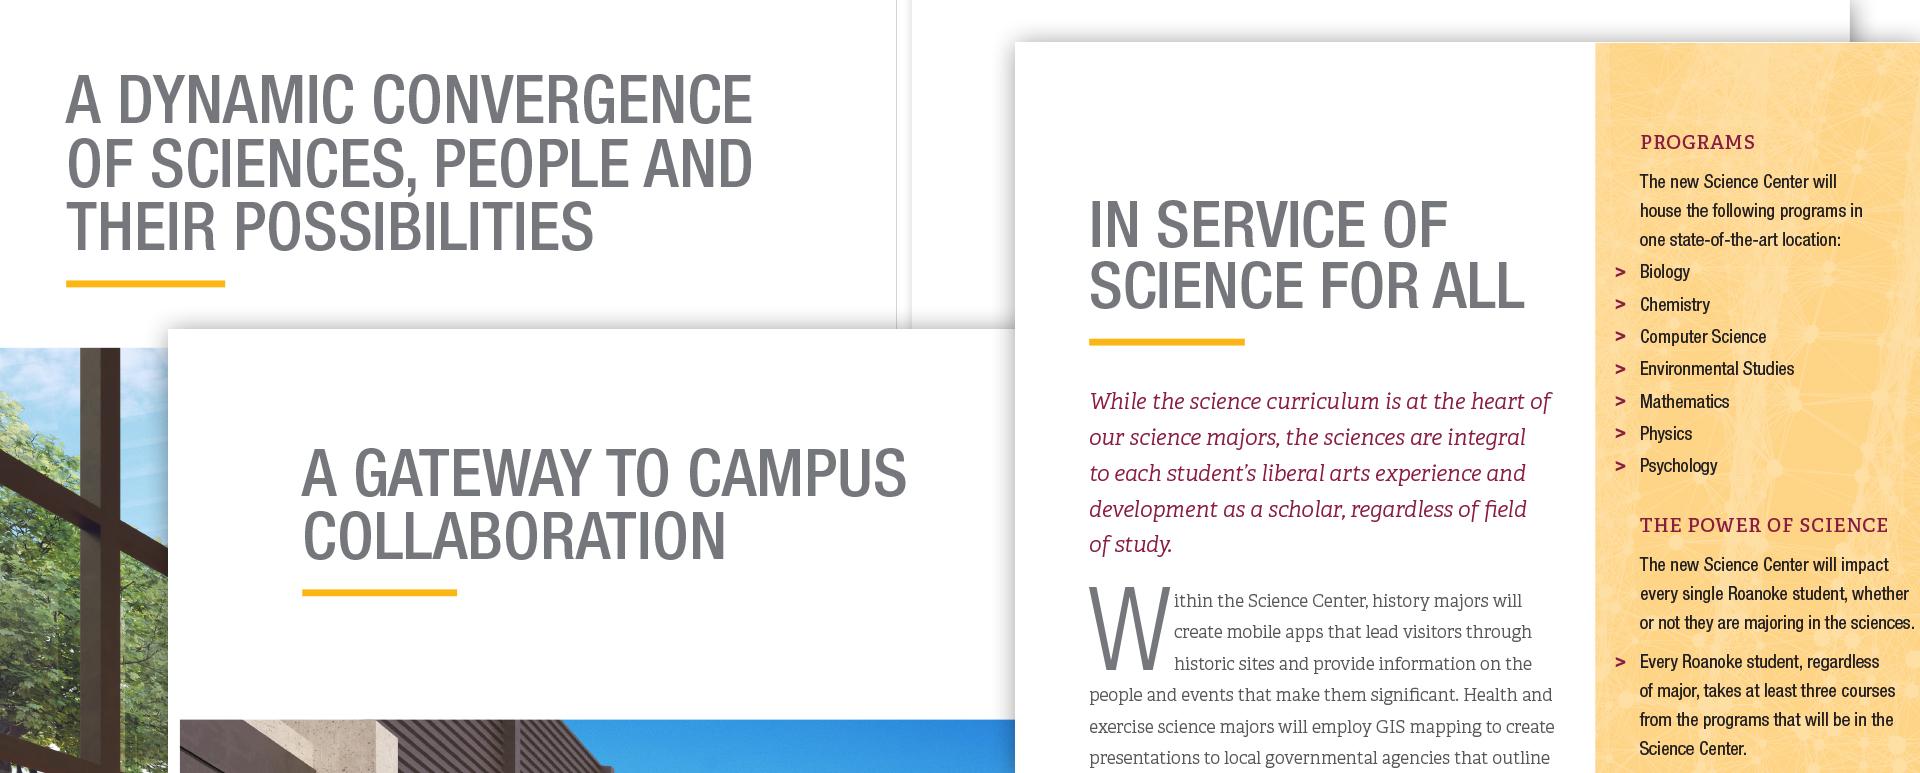 College campaign case statement